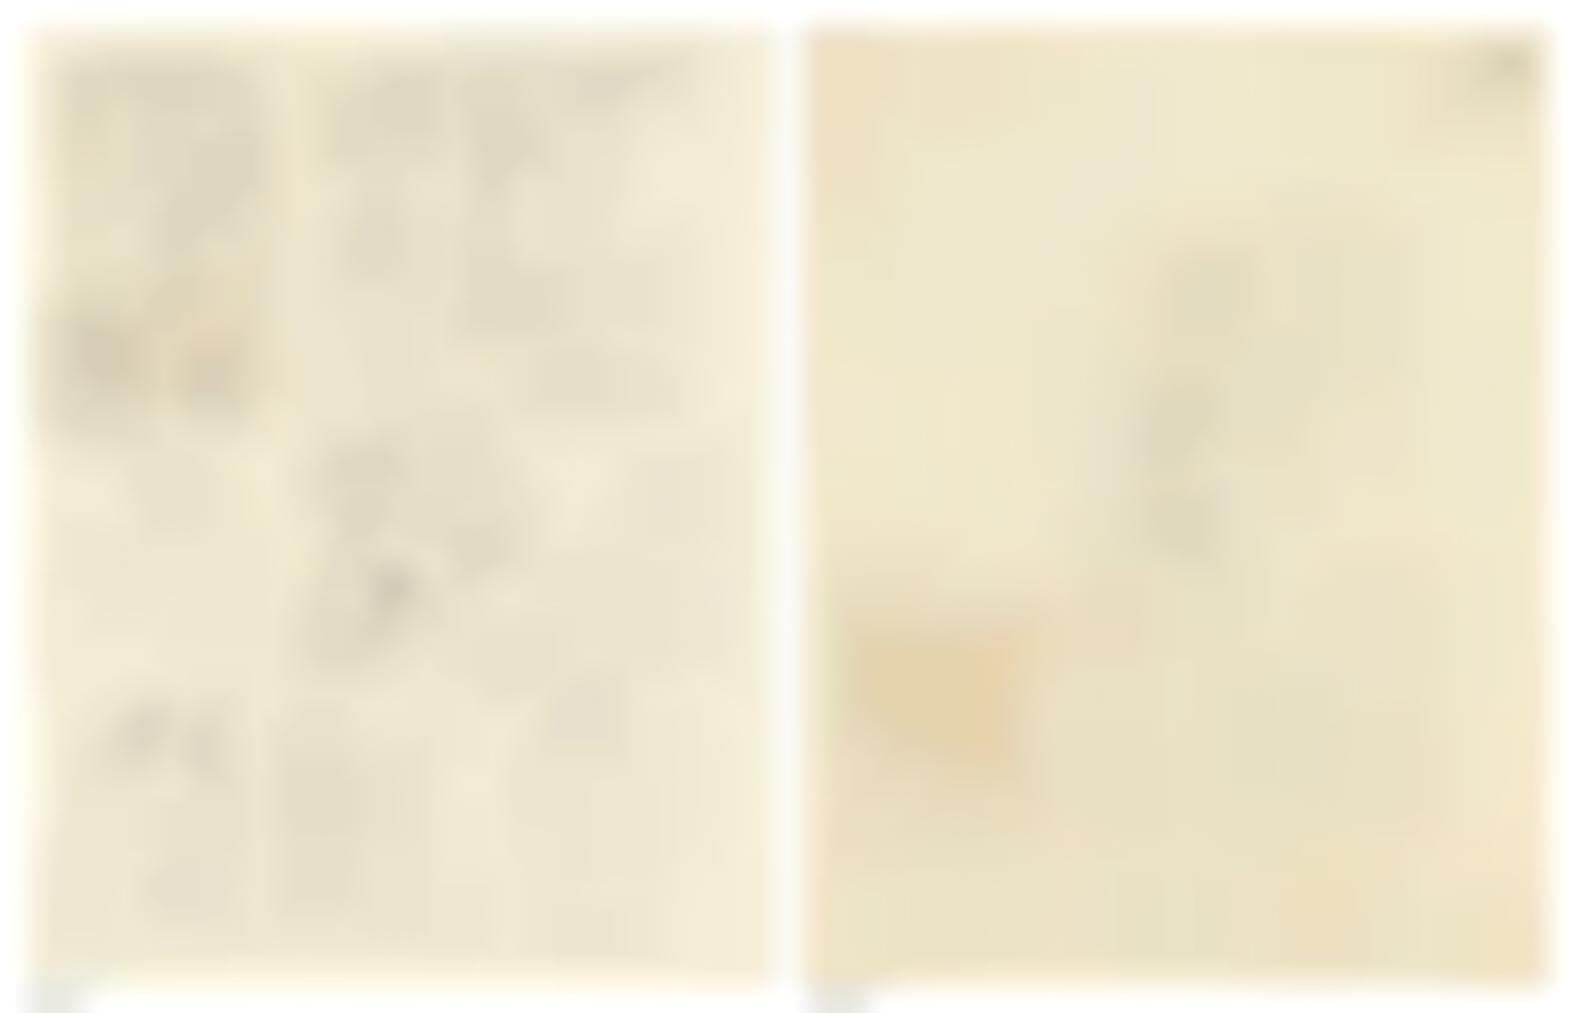 Rene Magritte-Esquises Pour Les Necessites De La Vie Et Les Consequences Des Reves Precedes Dexemples (Recto); Croquis (Verso)-